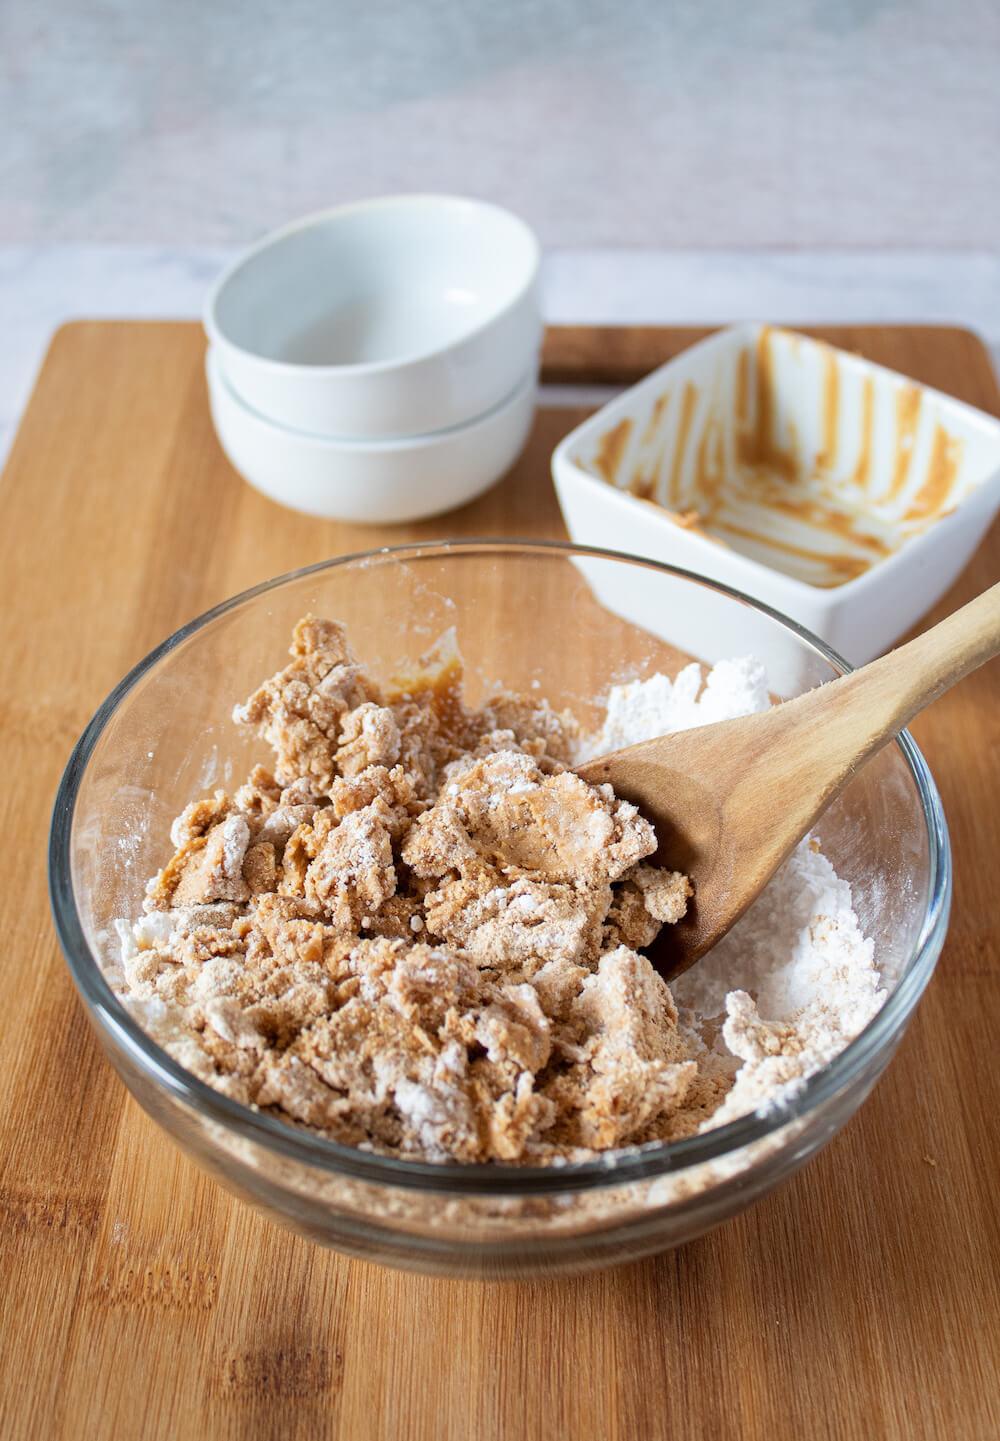 Keto Skippy PB Bites mixing ingredients in bowl